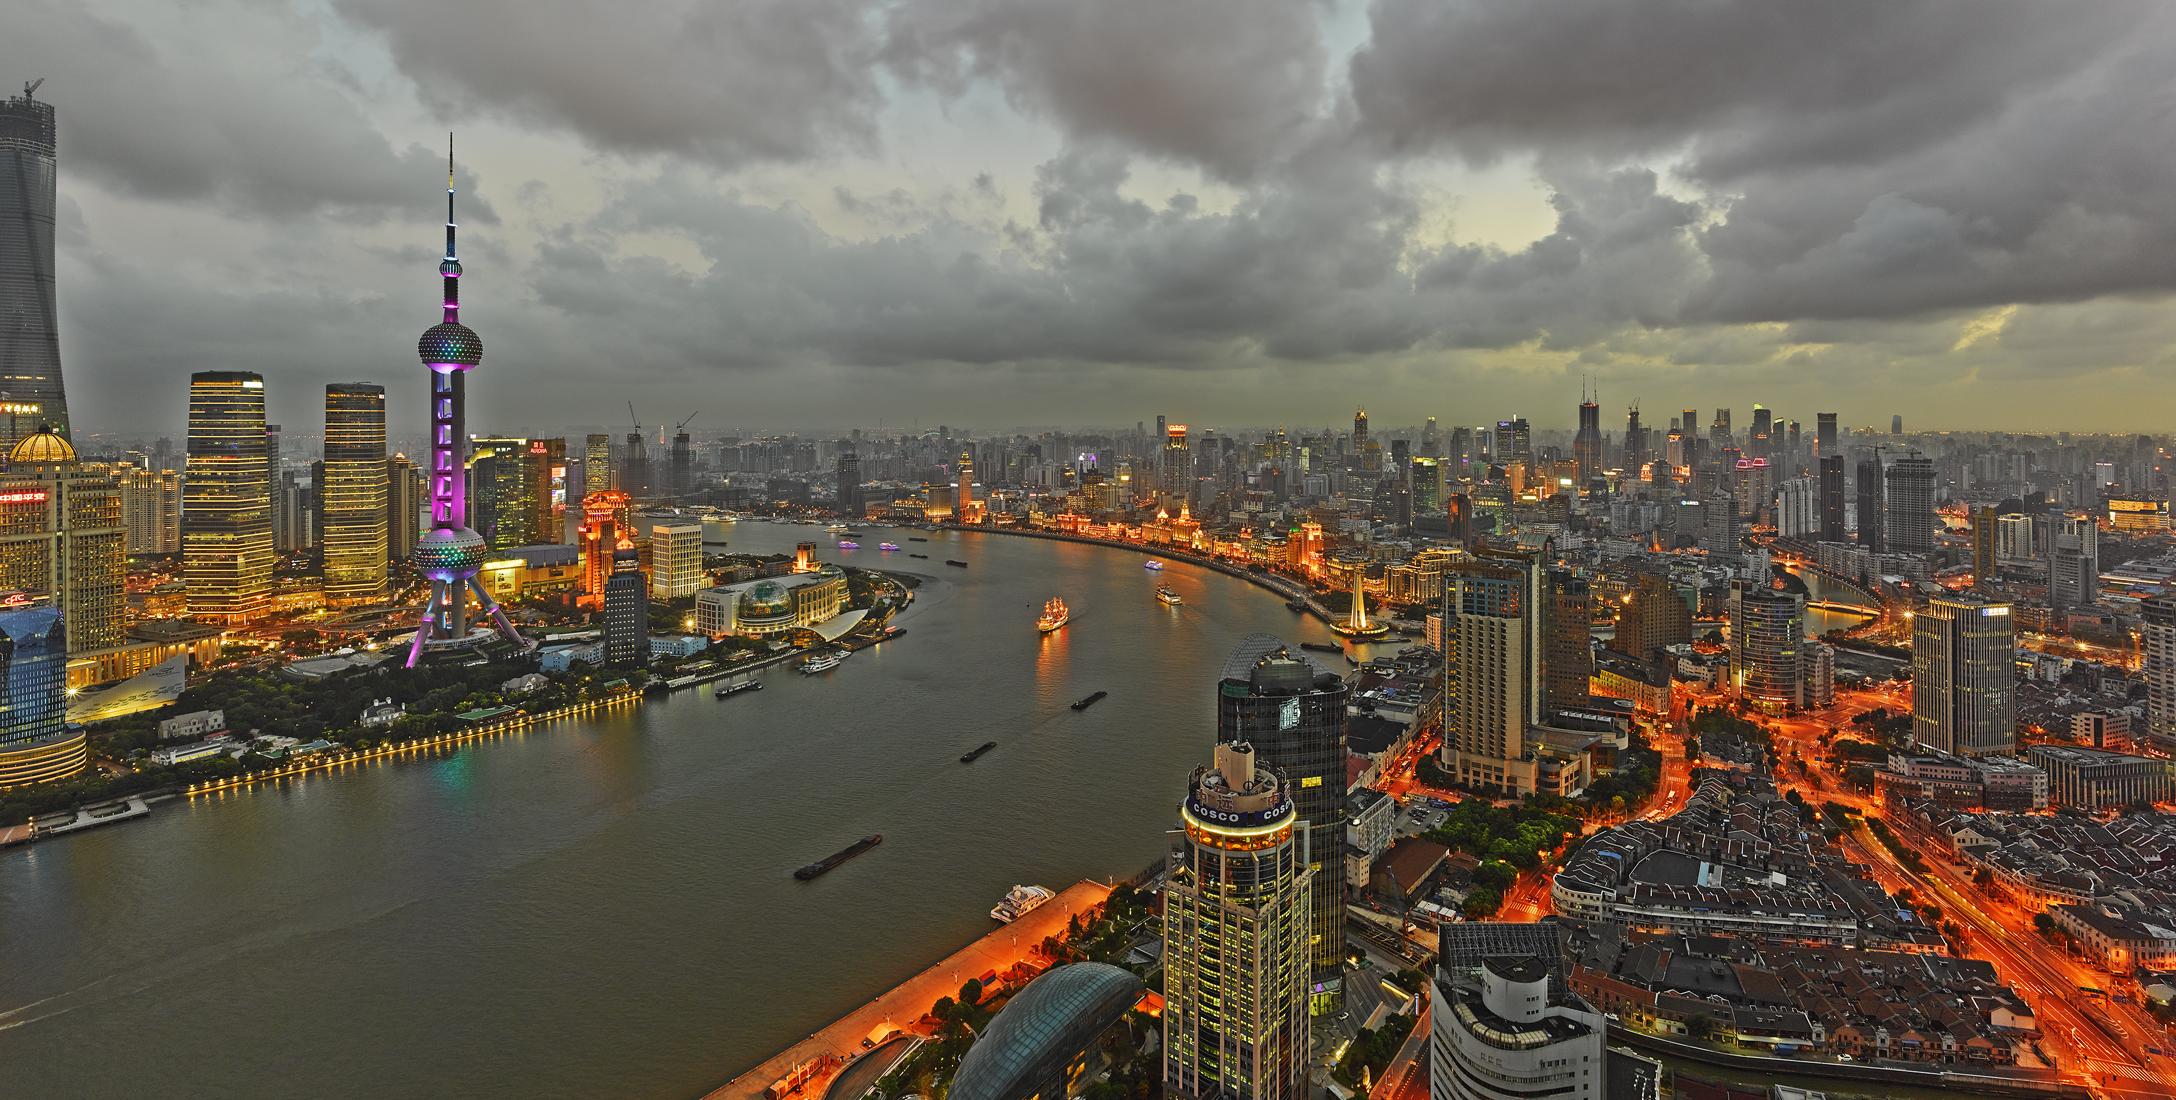 Lu Shanghai